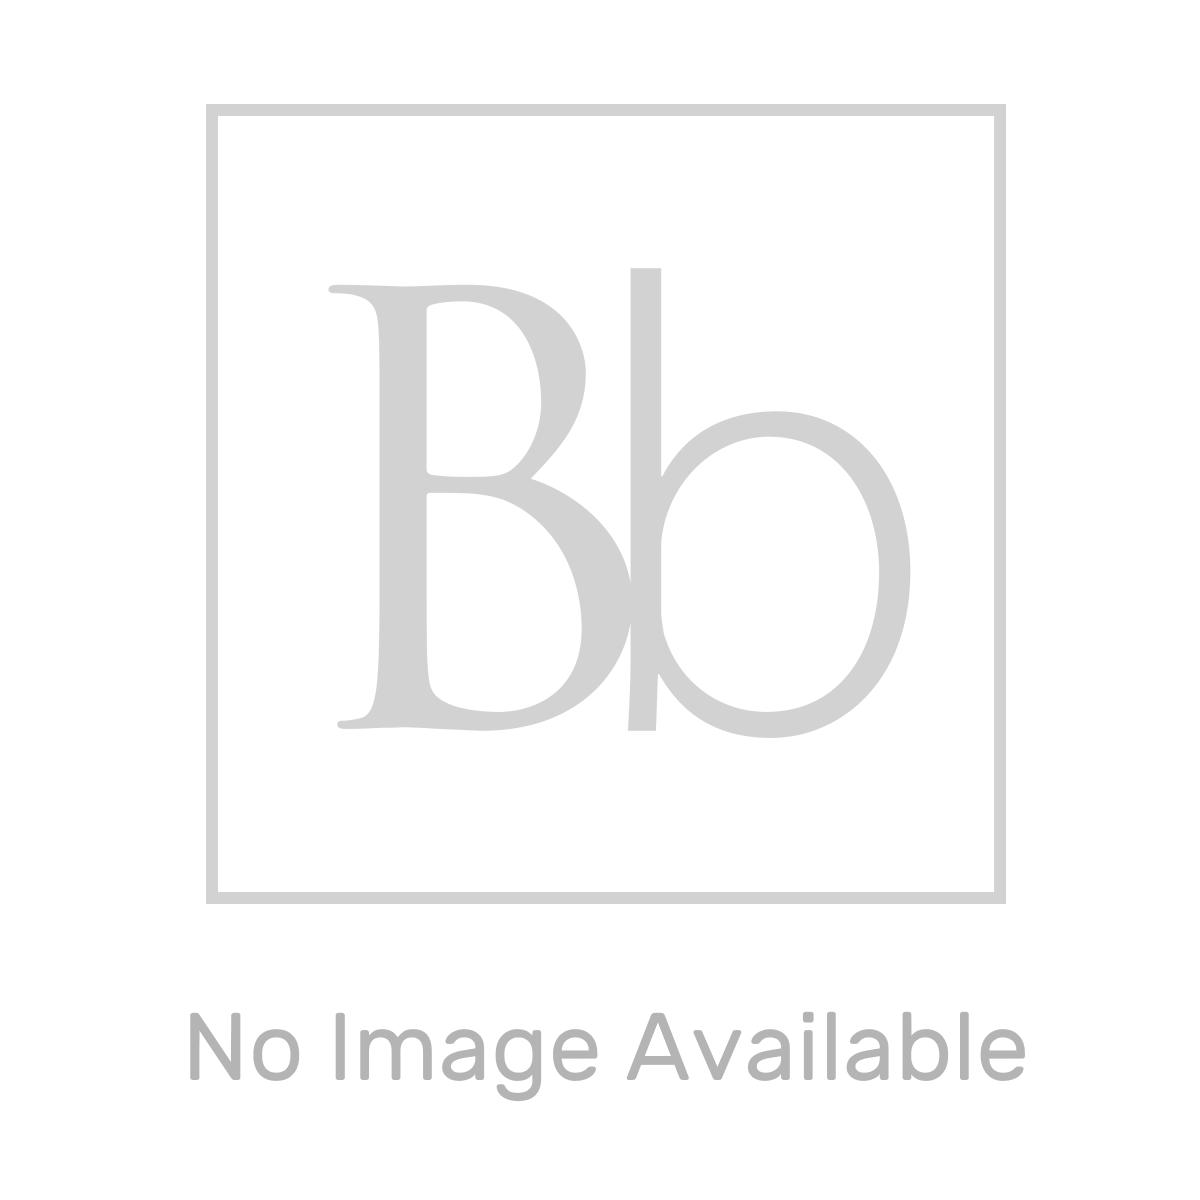 Merlyn Truestone White Rectangular Shower Tray 1500 x 900mm